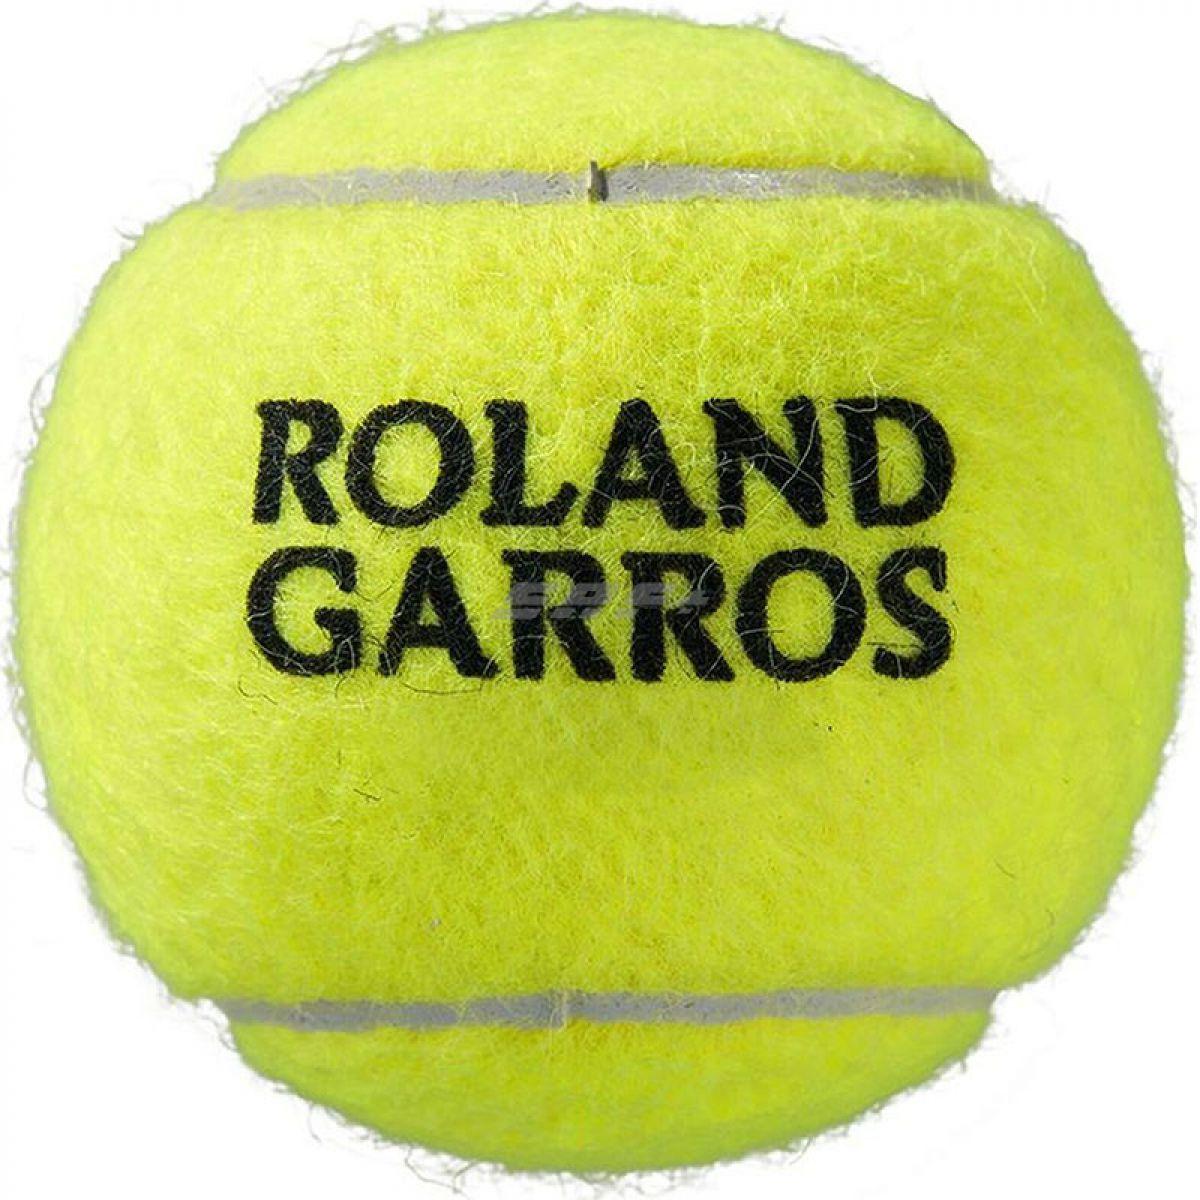 Мяч теннисный Мяч теннисный WILSON Roland Garros арт. WRT147500, фетр, нат.резина,. уп.4 шт